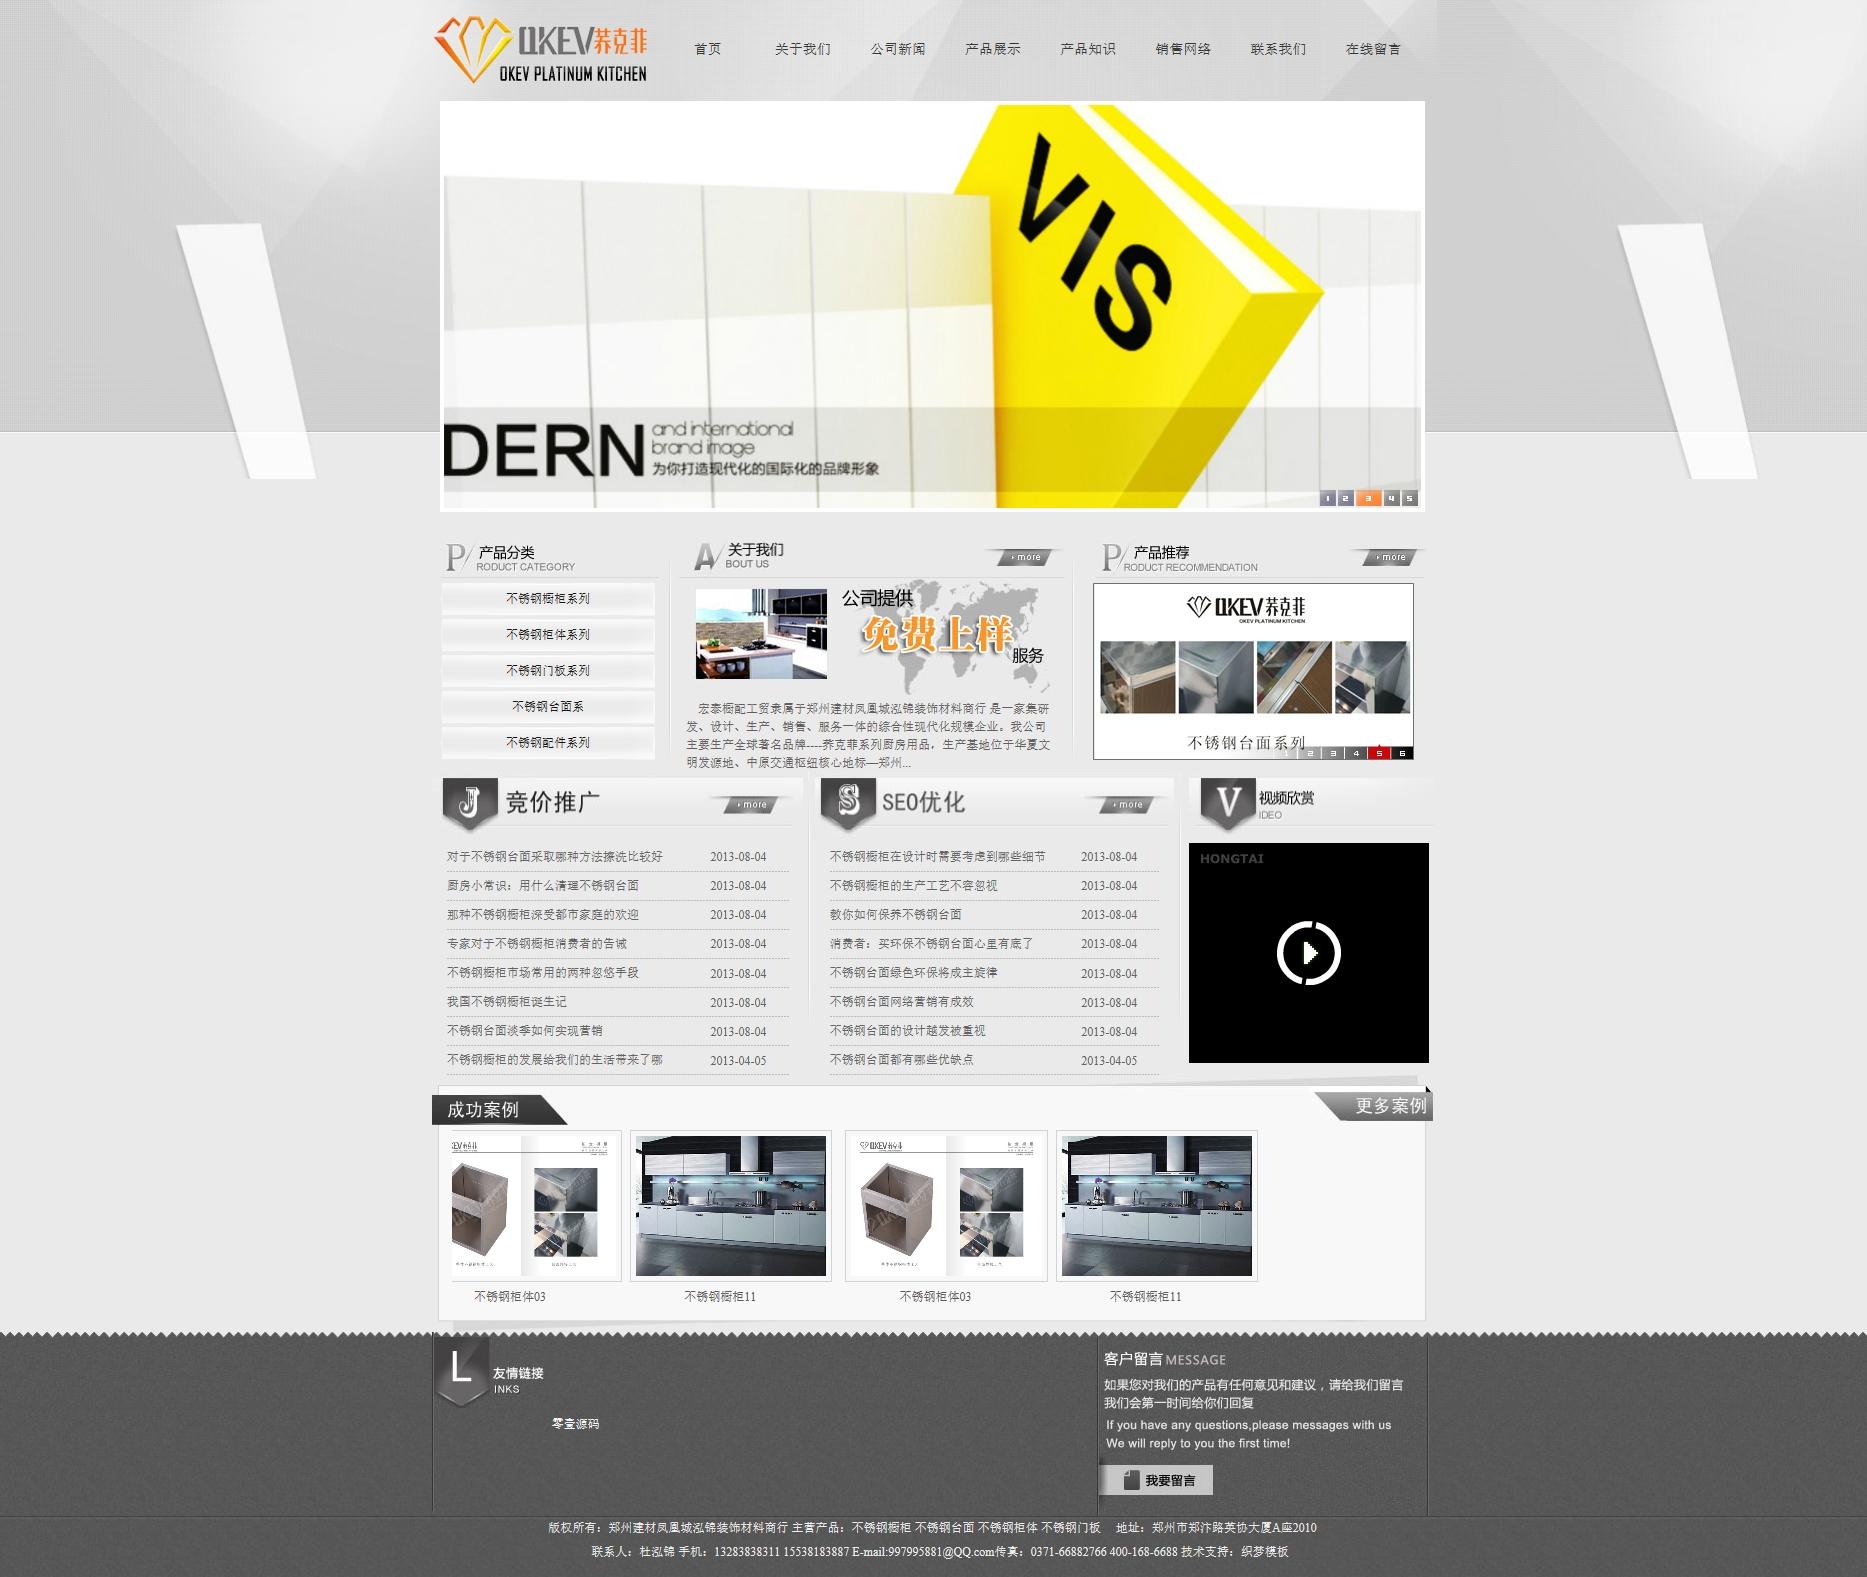 织梦dedecms灰色不锈钢橱柜公司网站整站模板